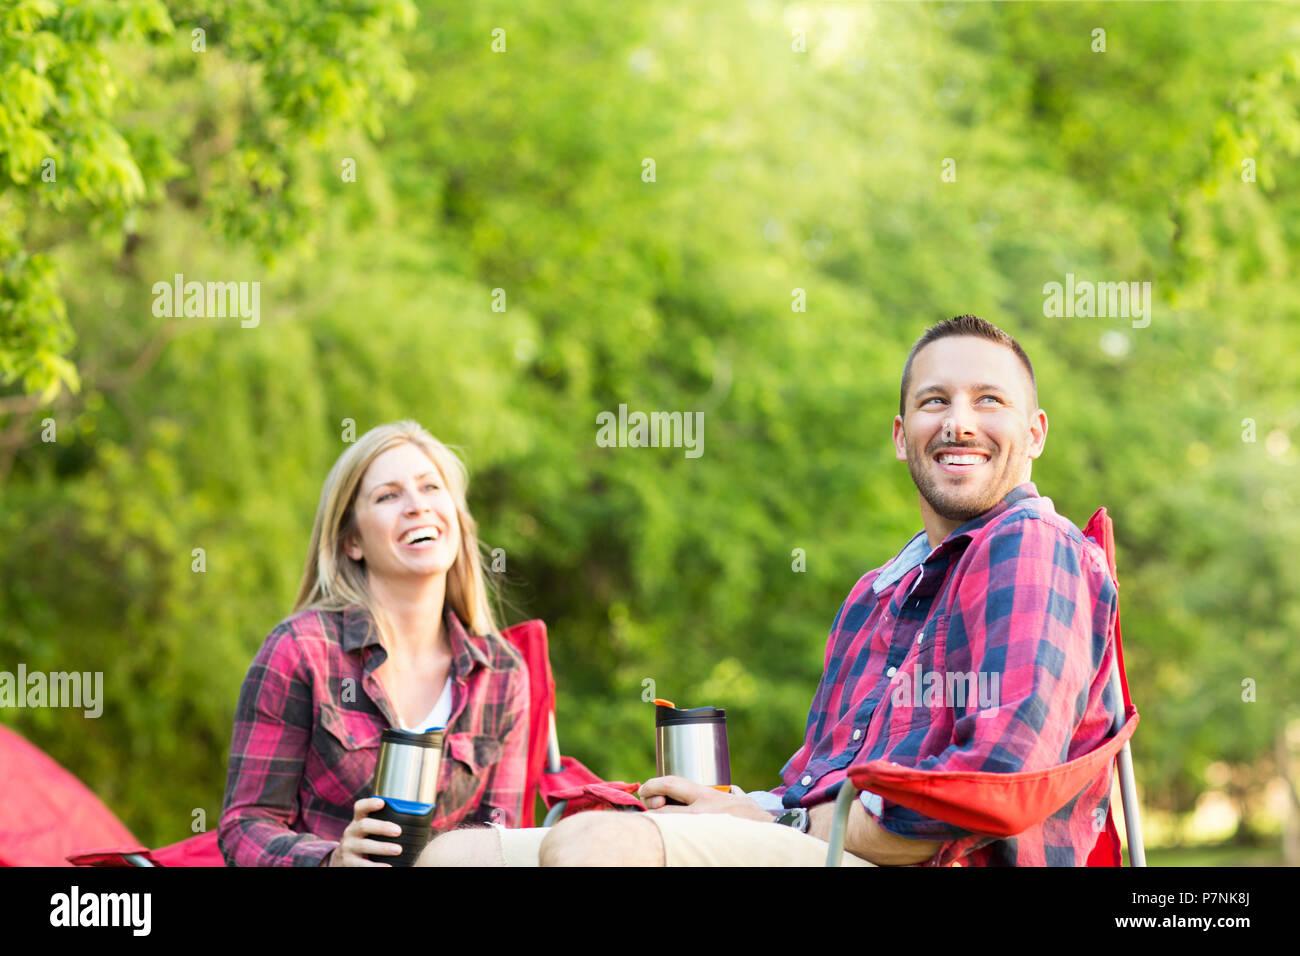 Paio di parlare e ridere su un viaggio di campeggio. Immagini Stock